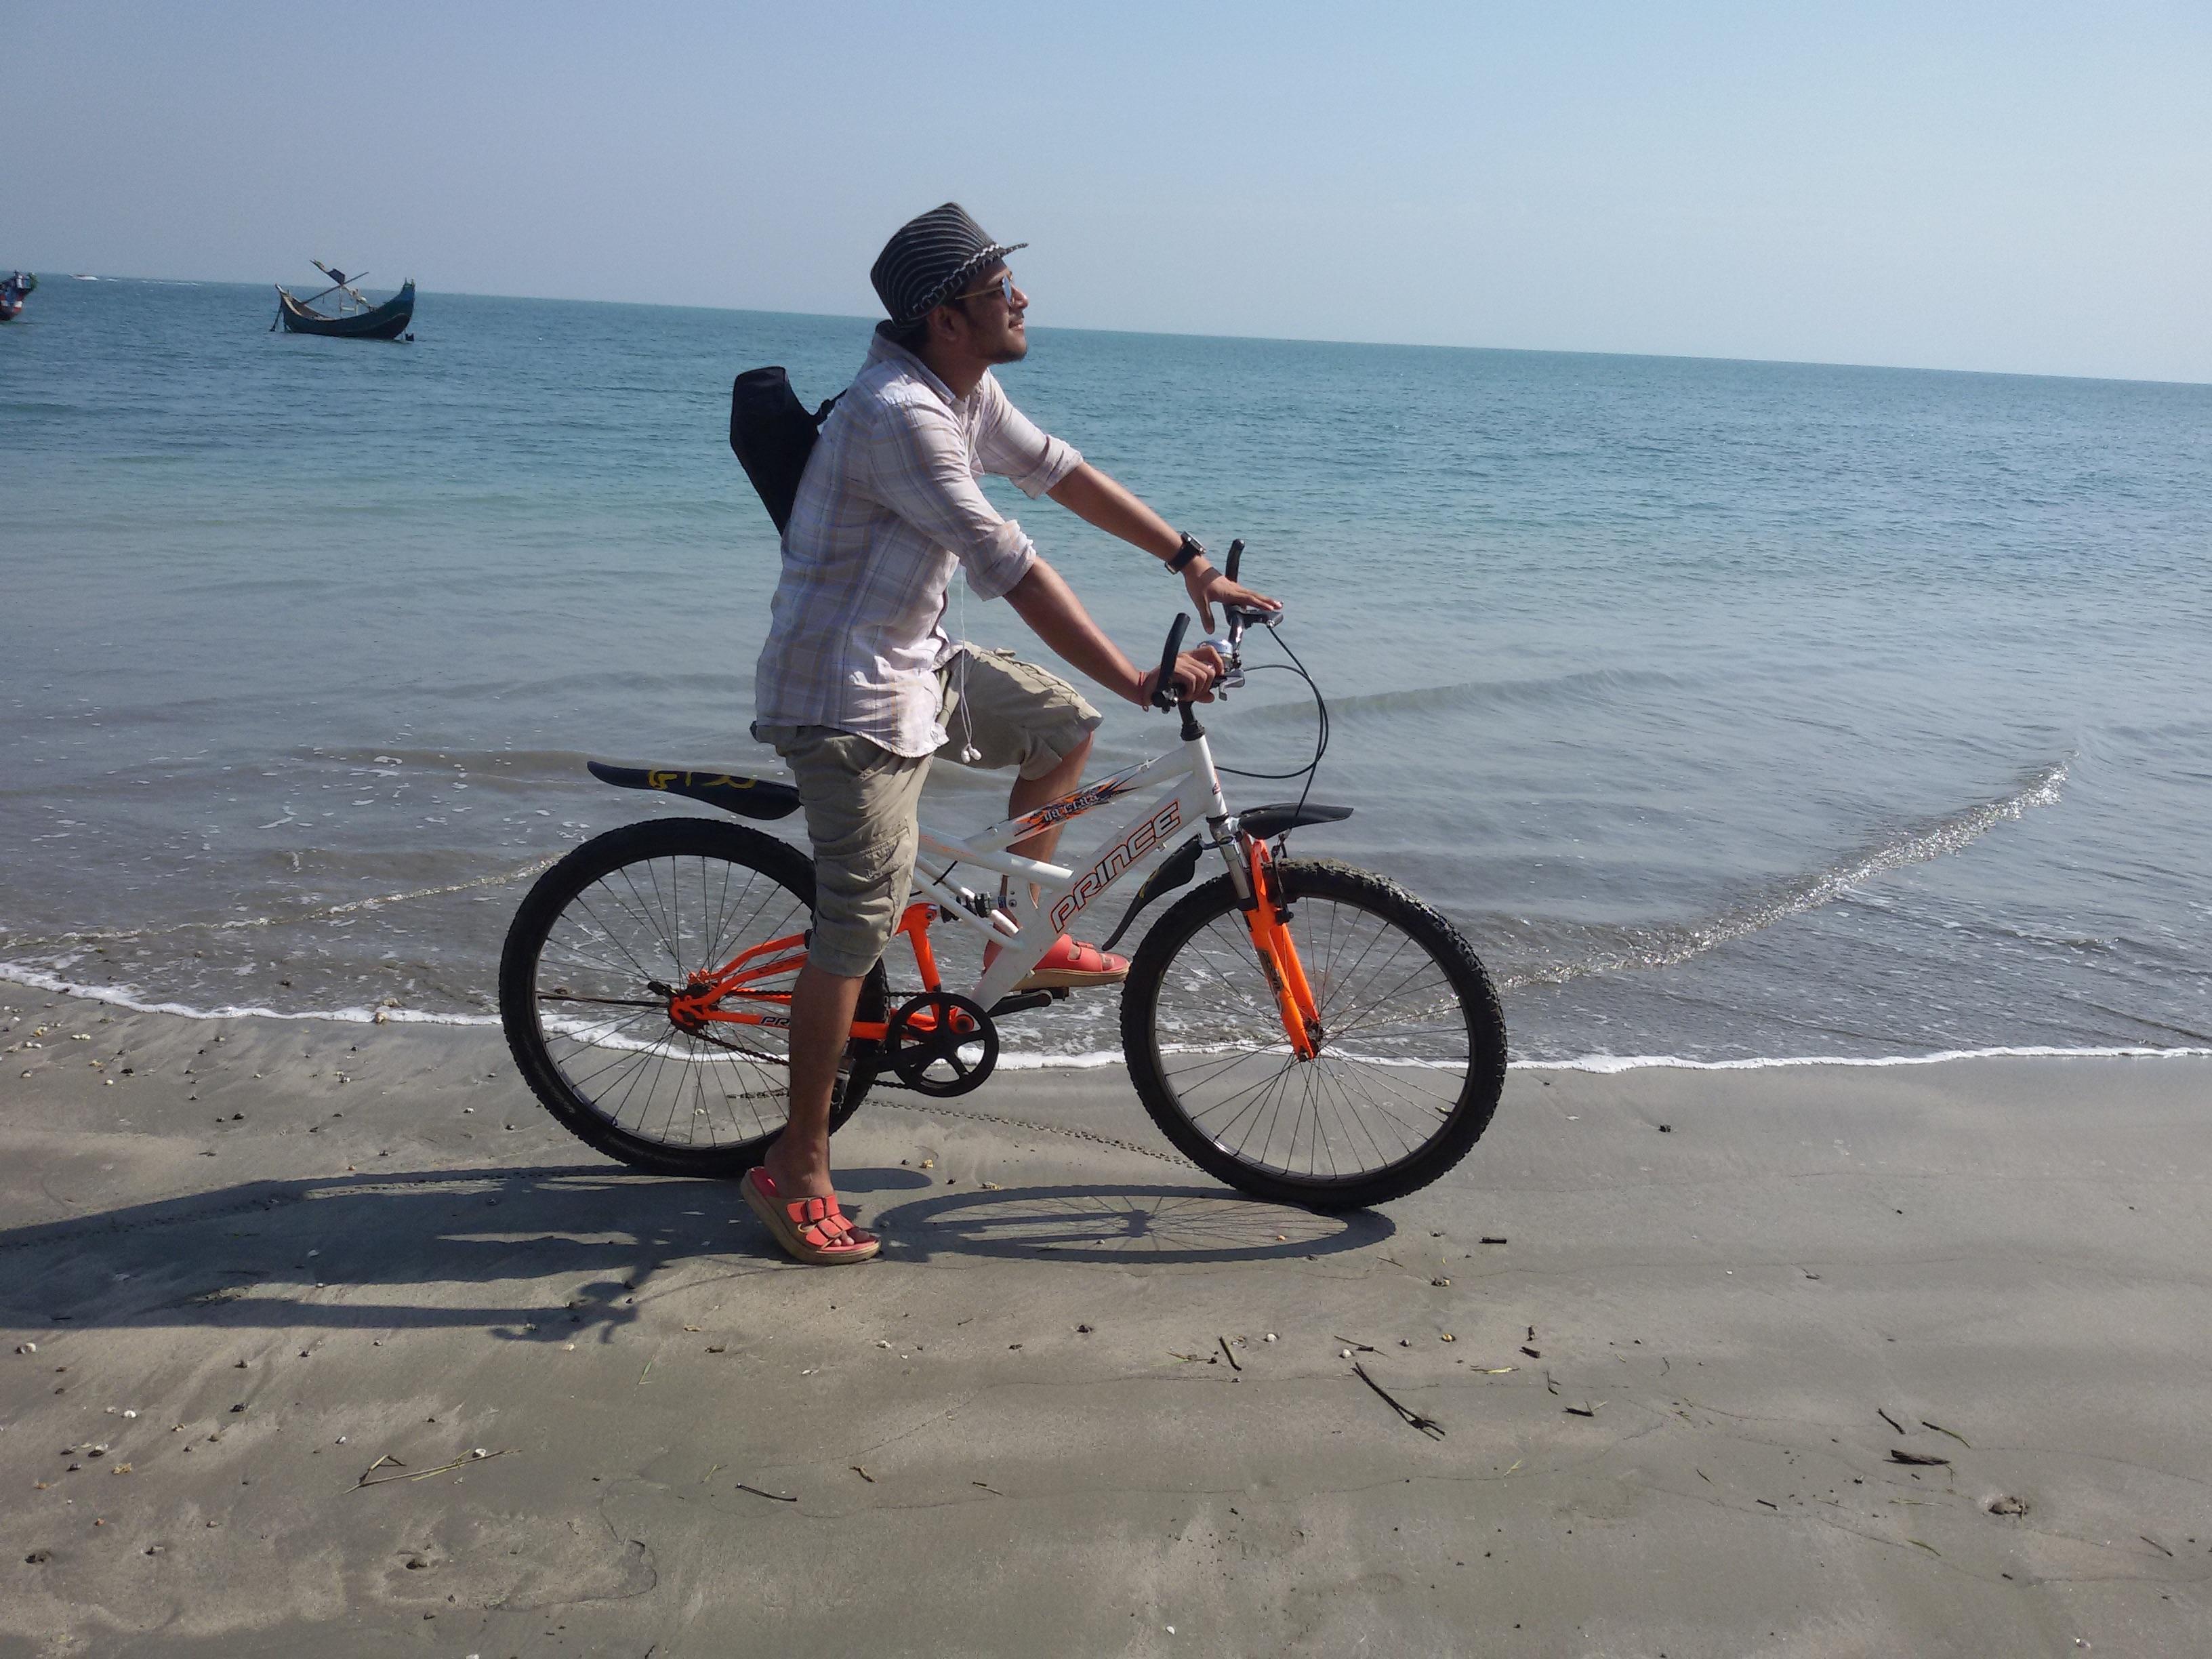 Immagini Belle Spiaggia Mare Costa Sabbia Veicolo